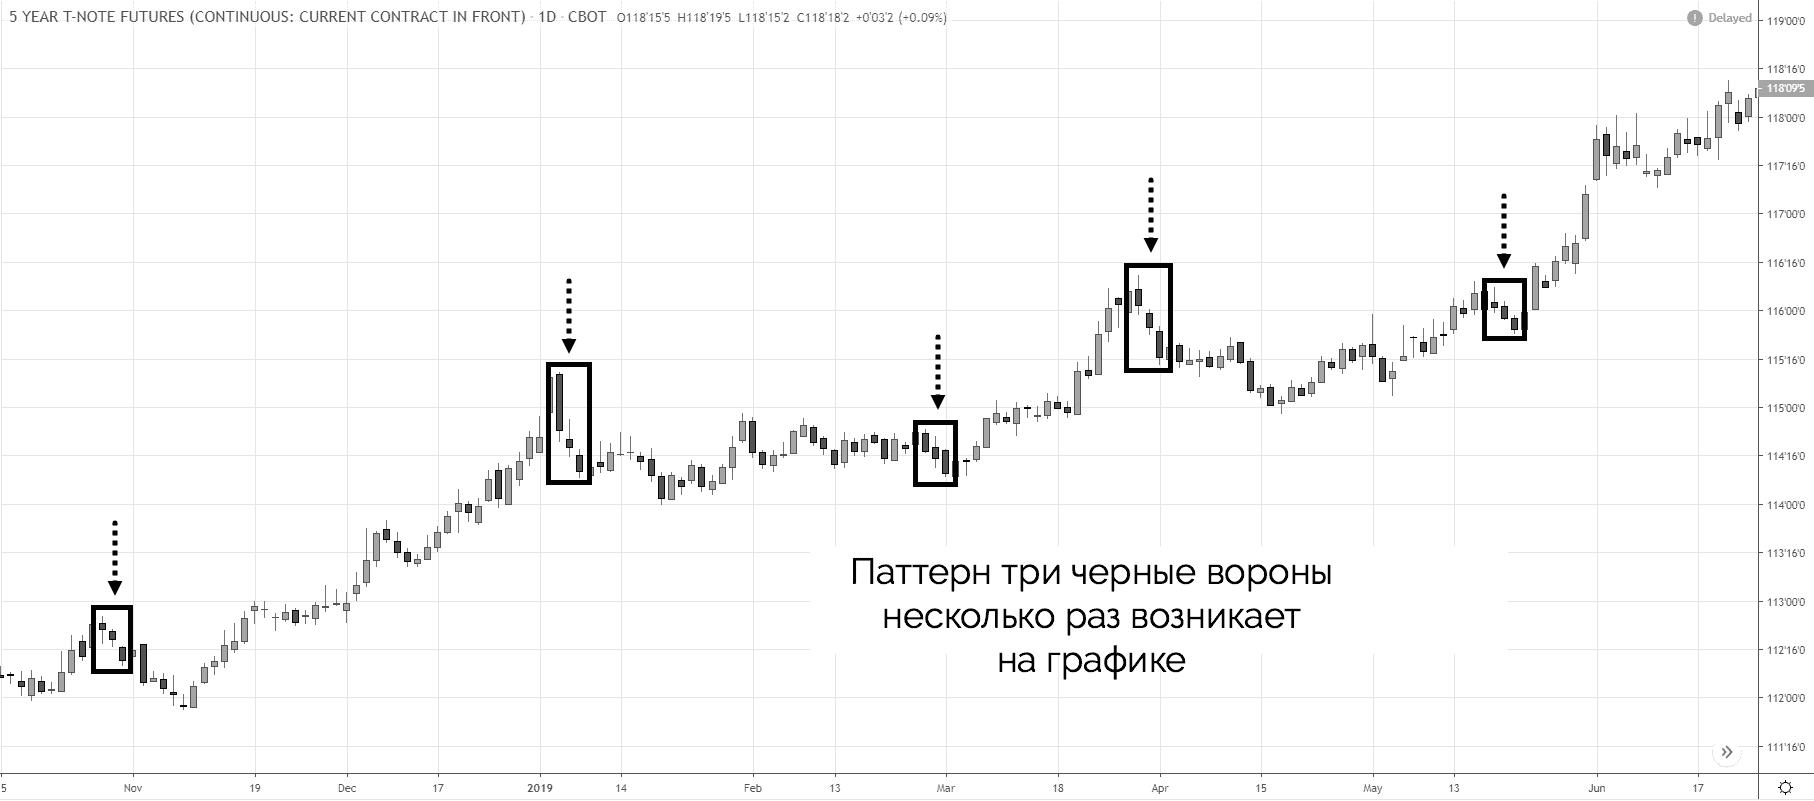 паттерн три черные вороны на графике